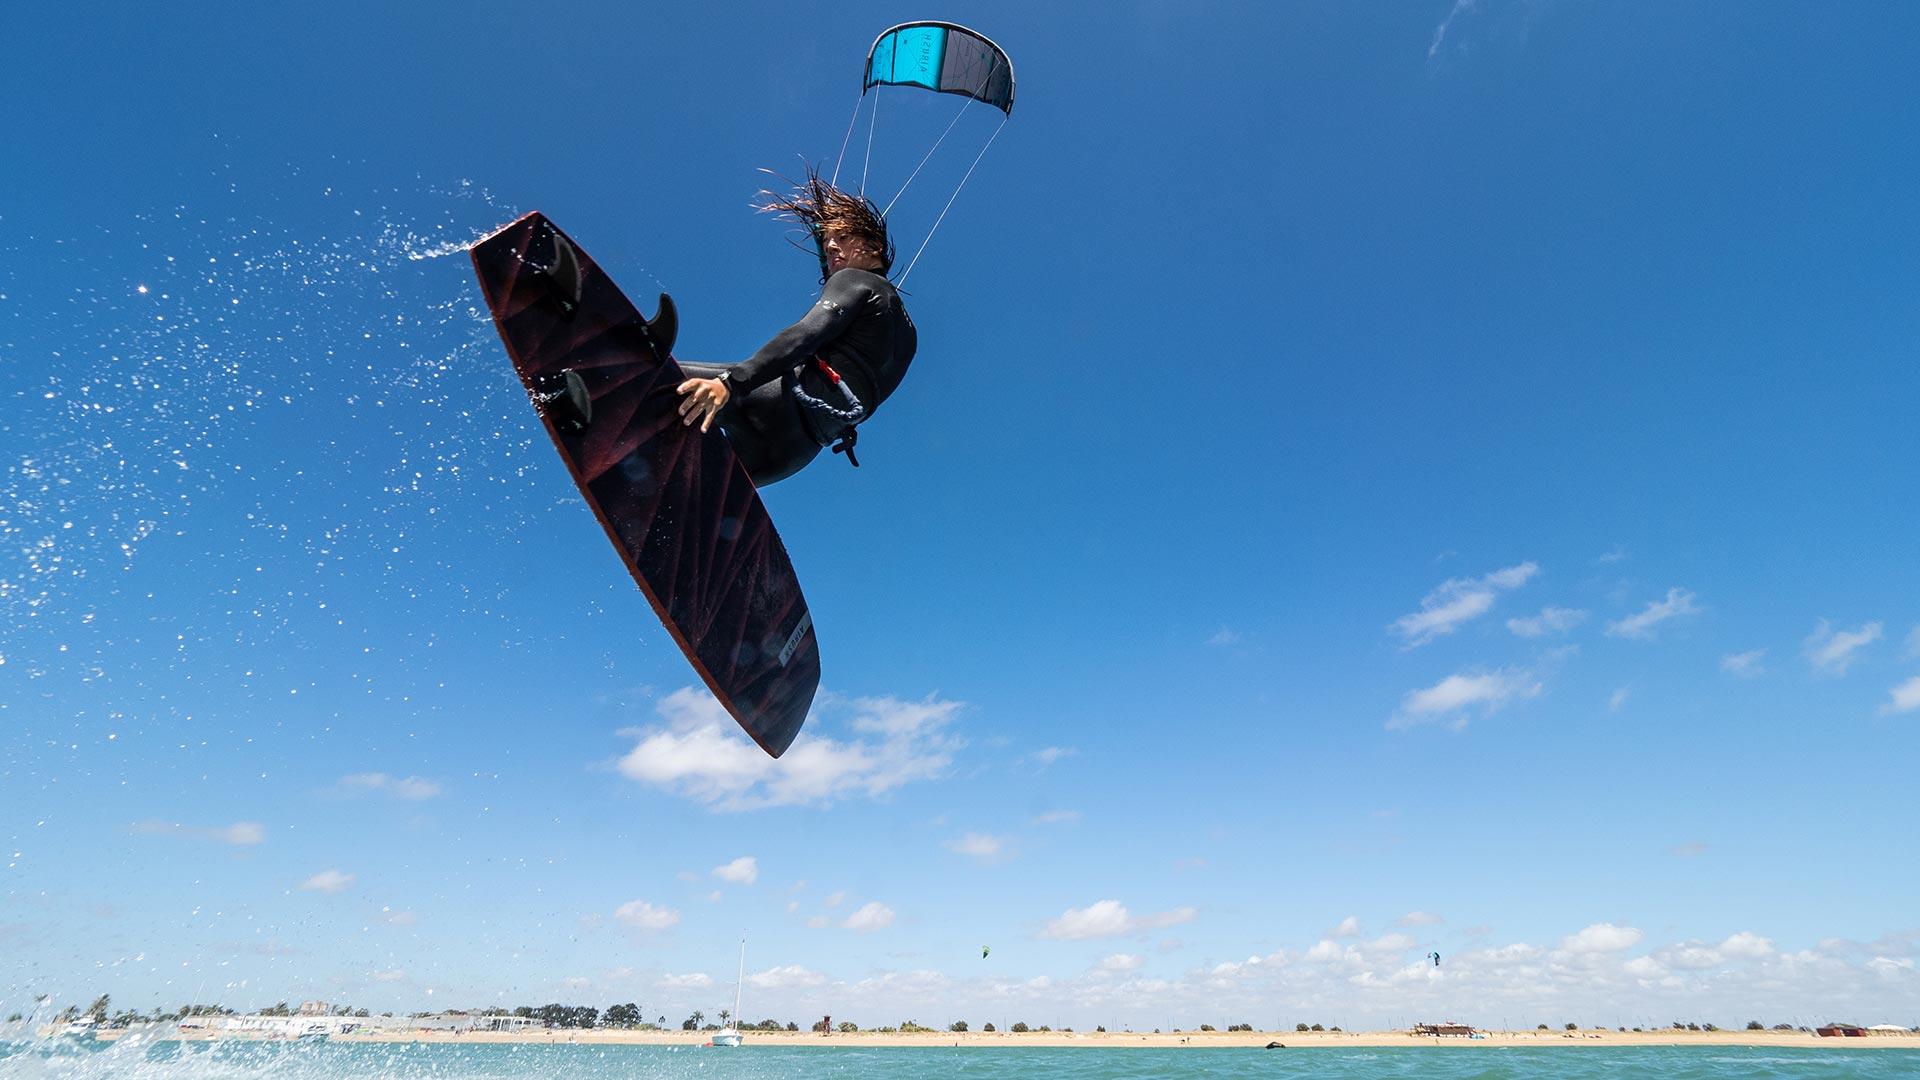 21_Airush_Gallery_Kites_Lift_Slate_img-04